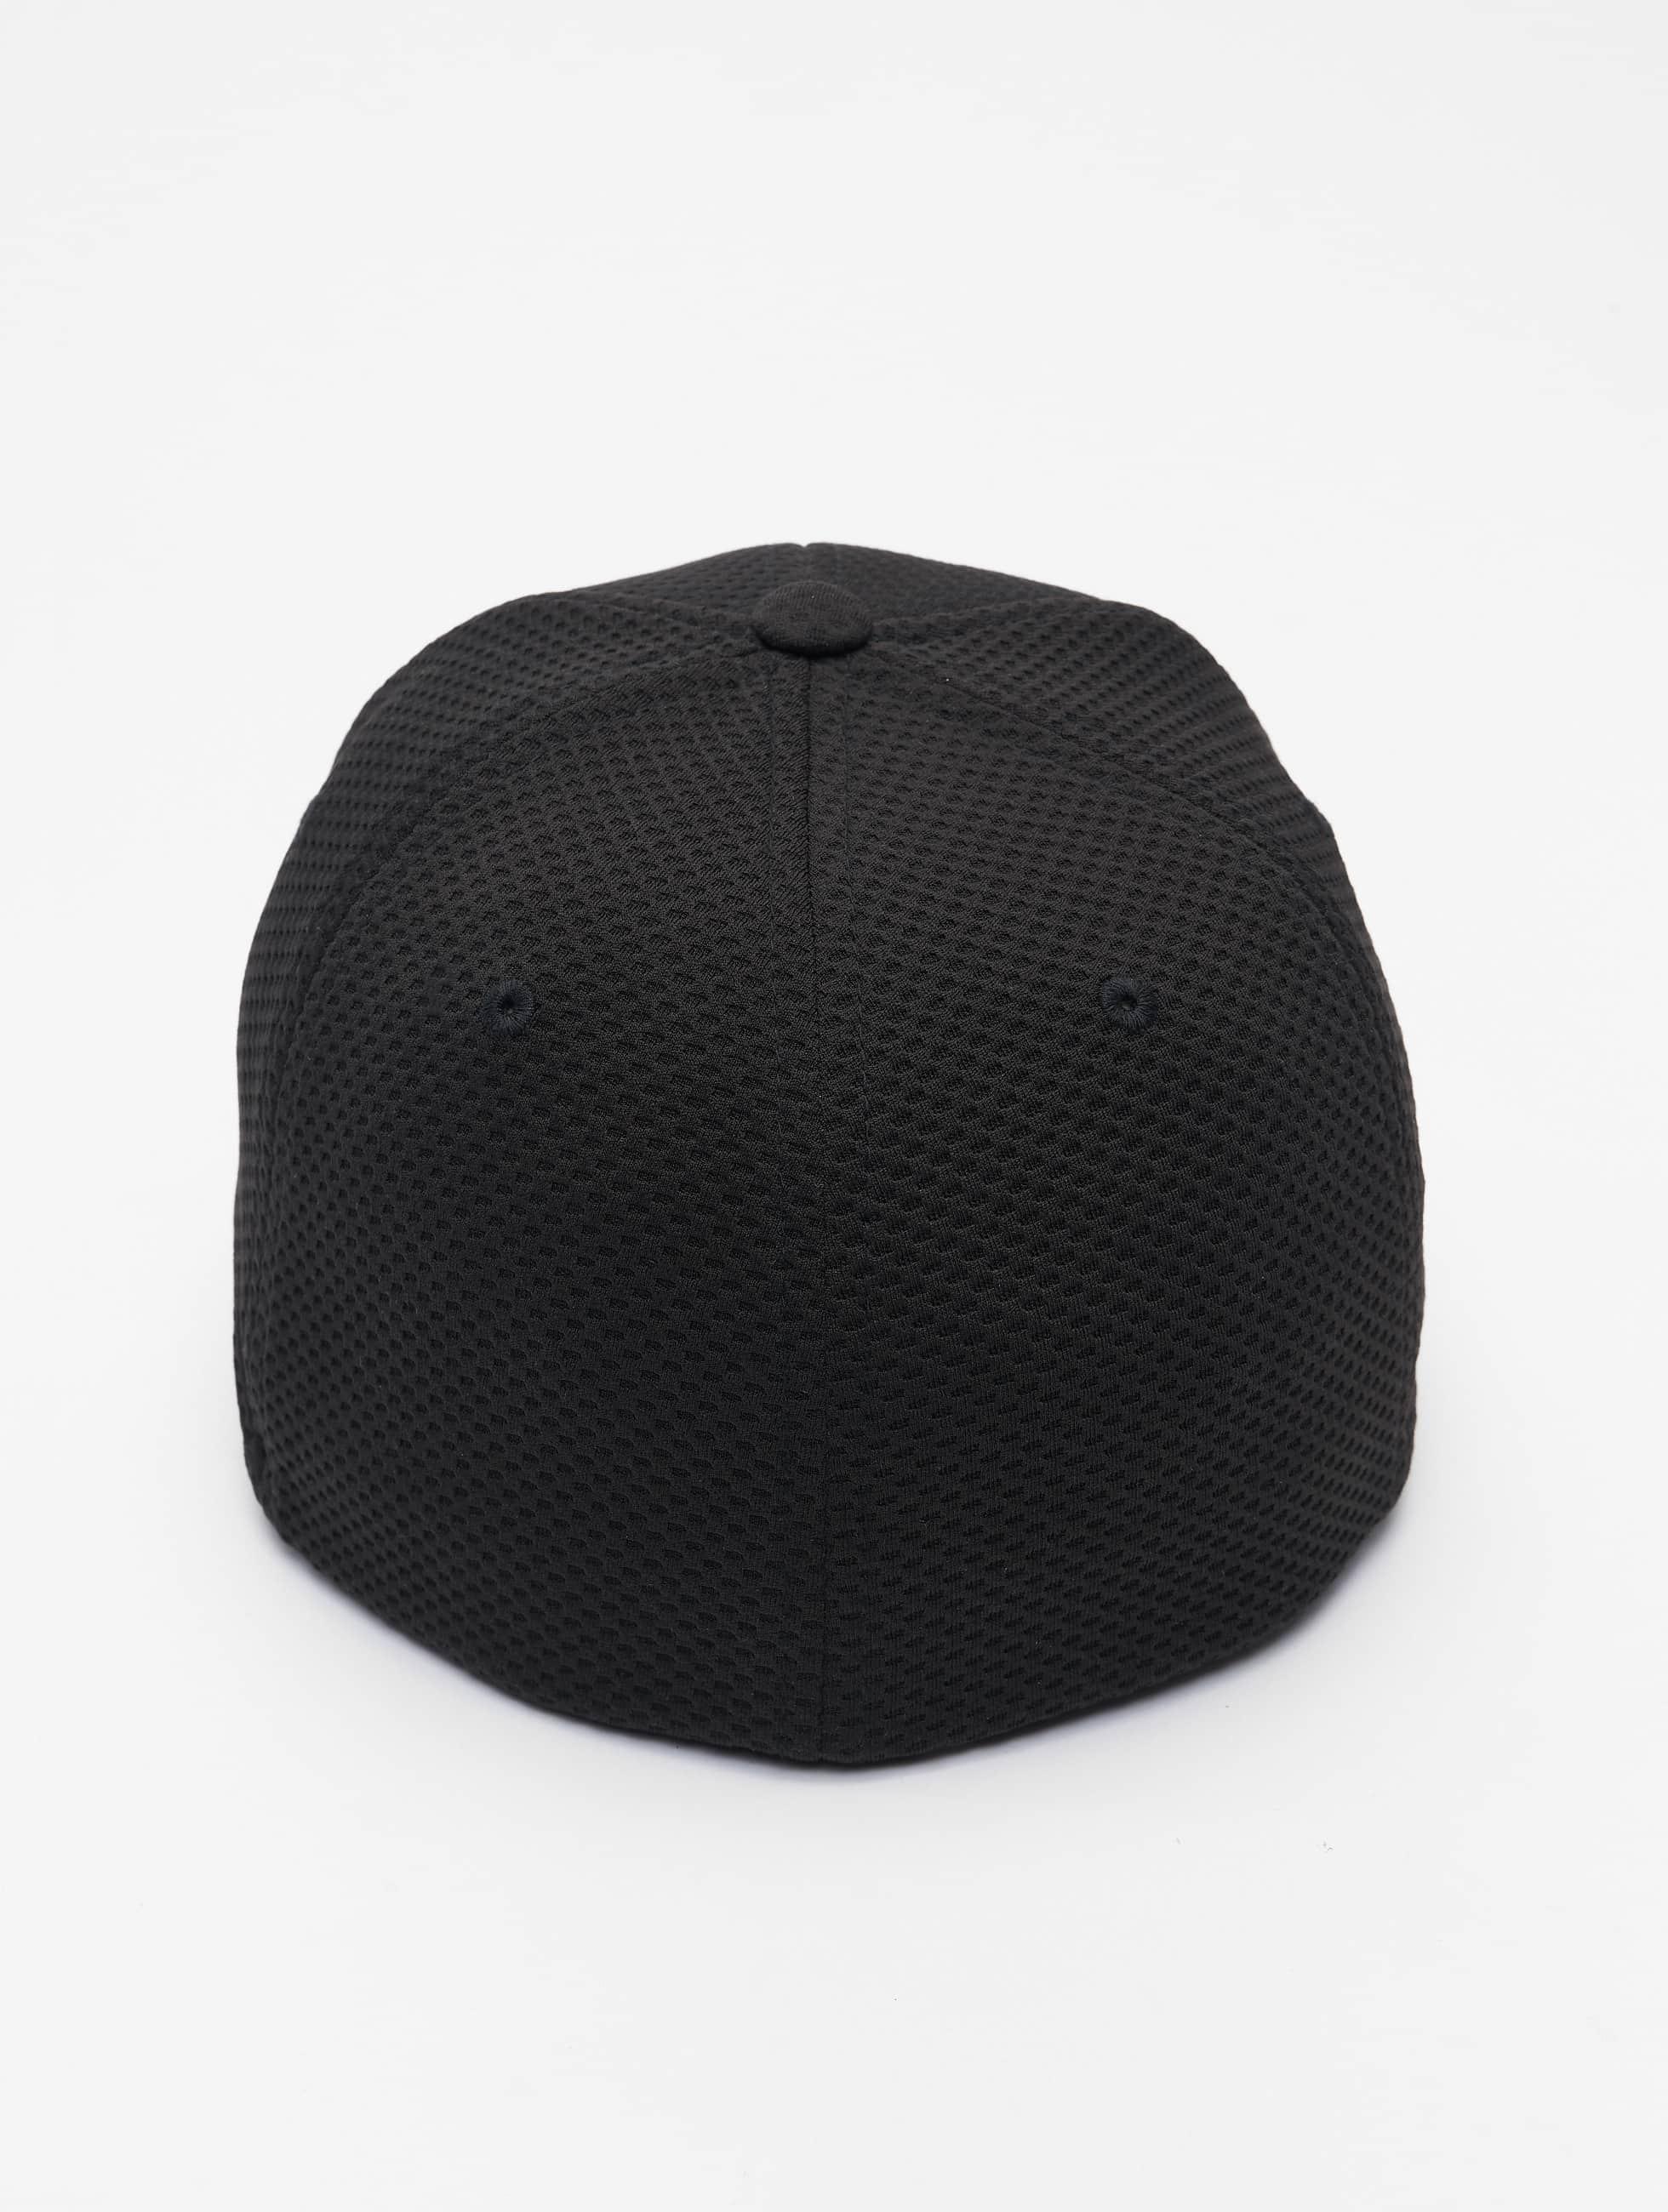 Flexfit Flexfitted Cap 3D Hexagon black